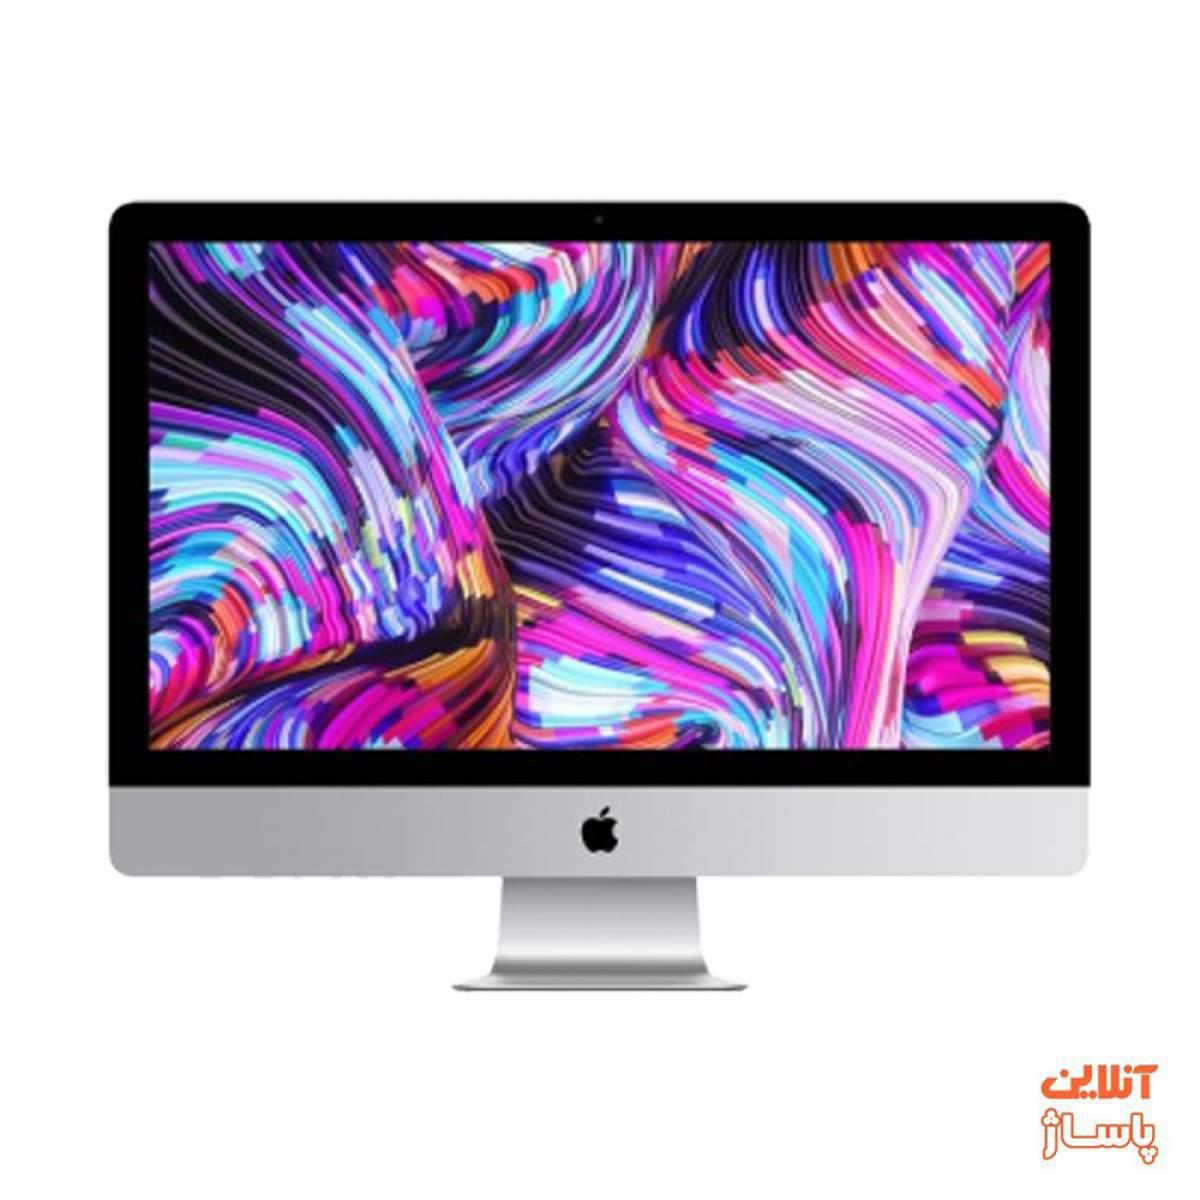 کامپیوتر همه کاره 27 اینچی اپل مدل iMac MRR02 2019 با صفحه نمایش رتینا 5K